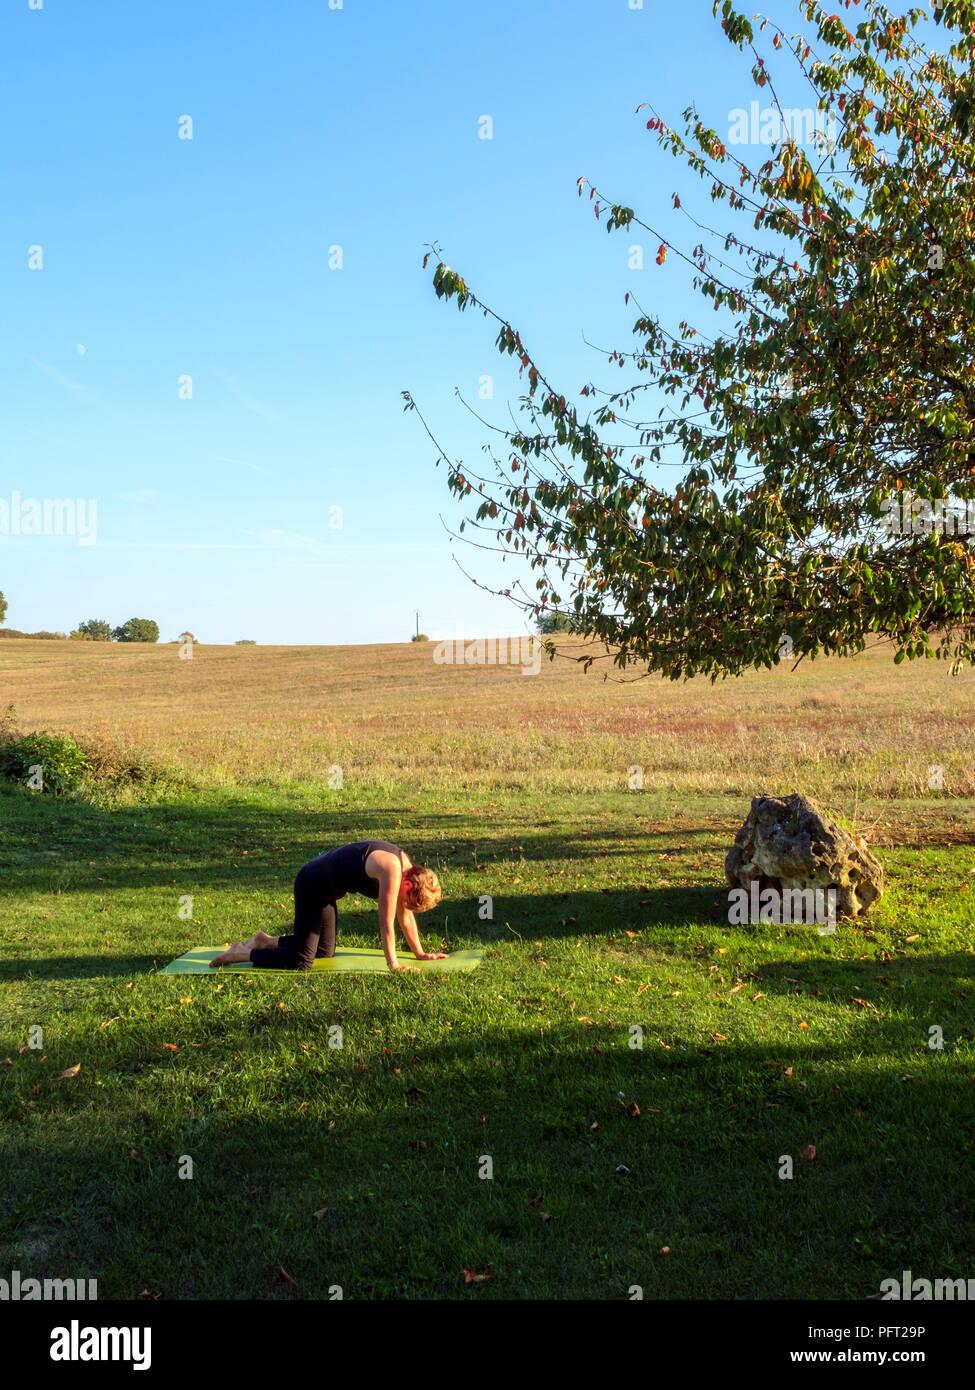 Von Idyllischen Landlichen Franzosischen Landschaft Eine Reife Frau Ubt Ihre Hatha Yoga Positionen Im Schonen Herbst Sonne Umgeben Die Katze Darstellen Stockfoto Bild 216272946 Alamy